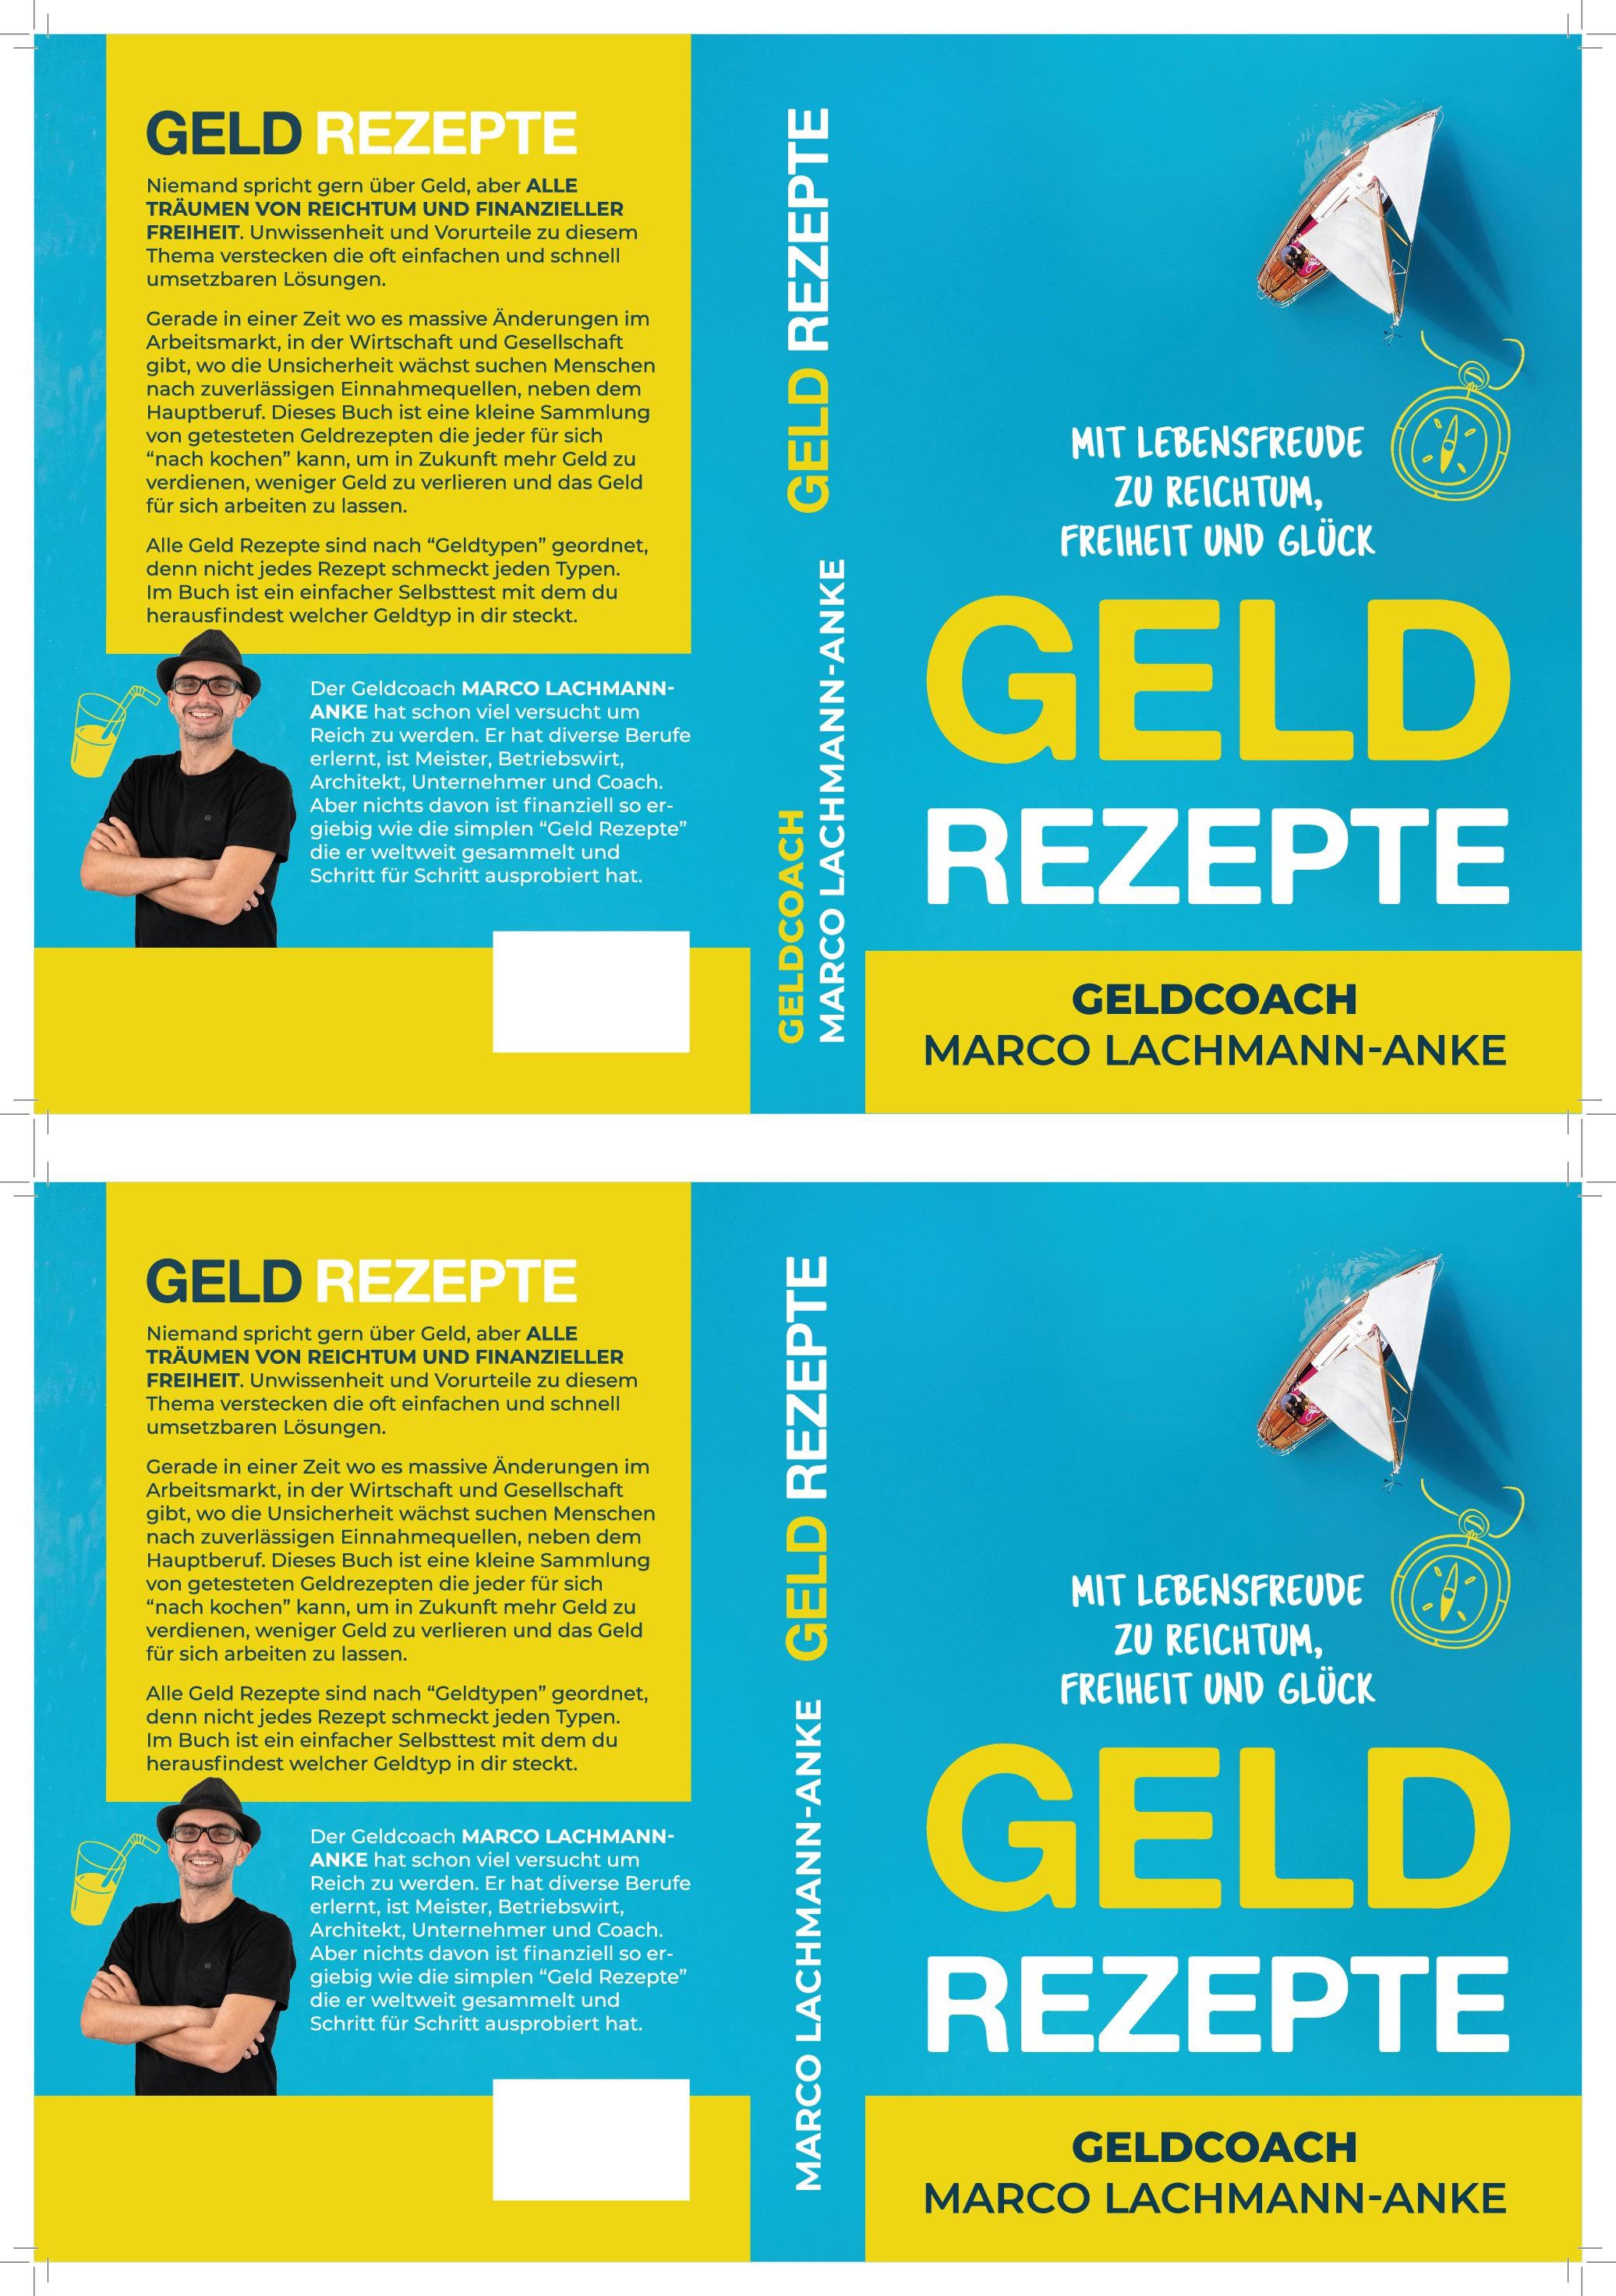 """Erstelle ein Cover Design für das Buch """"Geld Rezepte"""""""